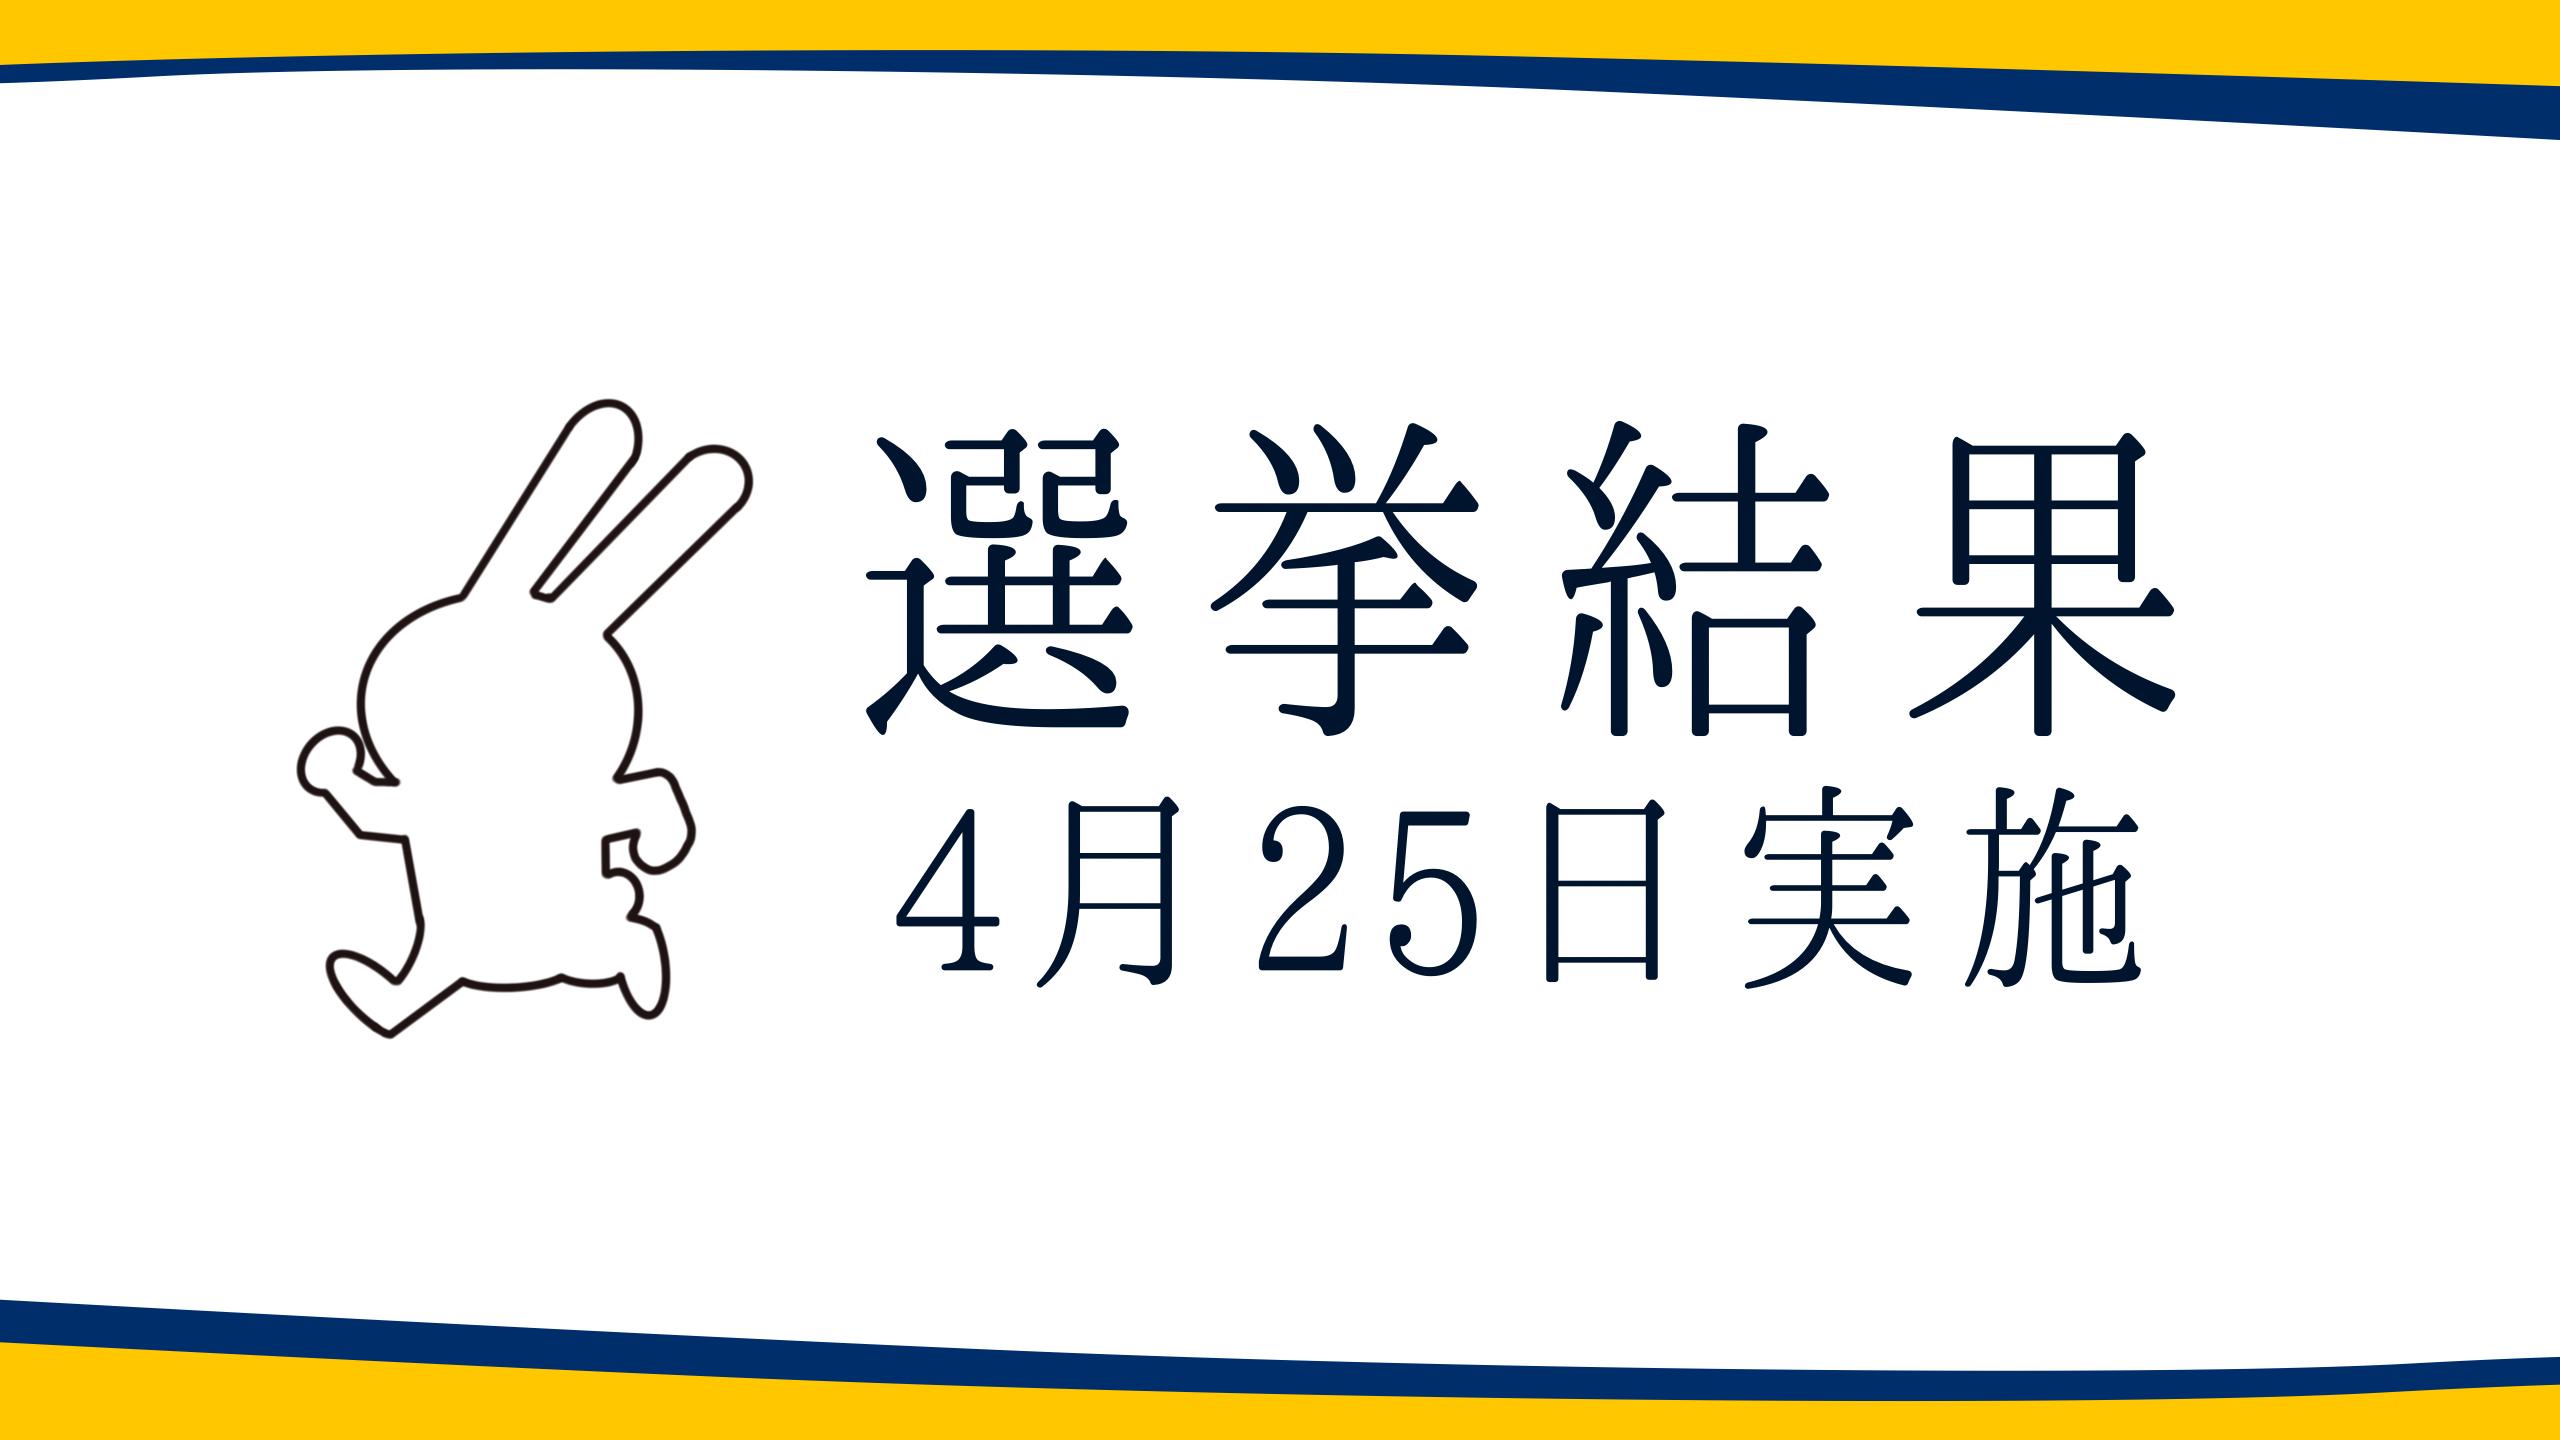 【選挙結果 4/25】参議院広島再選挙・参議院長野補選・衆議院北海道2区補選